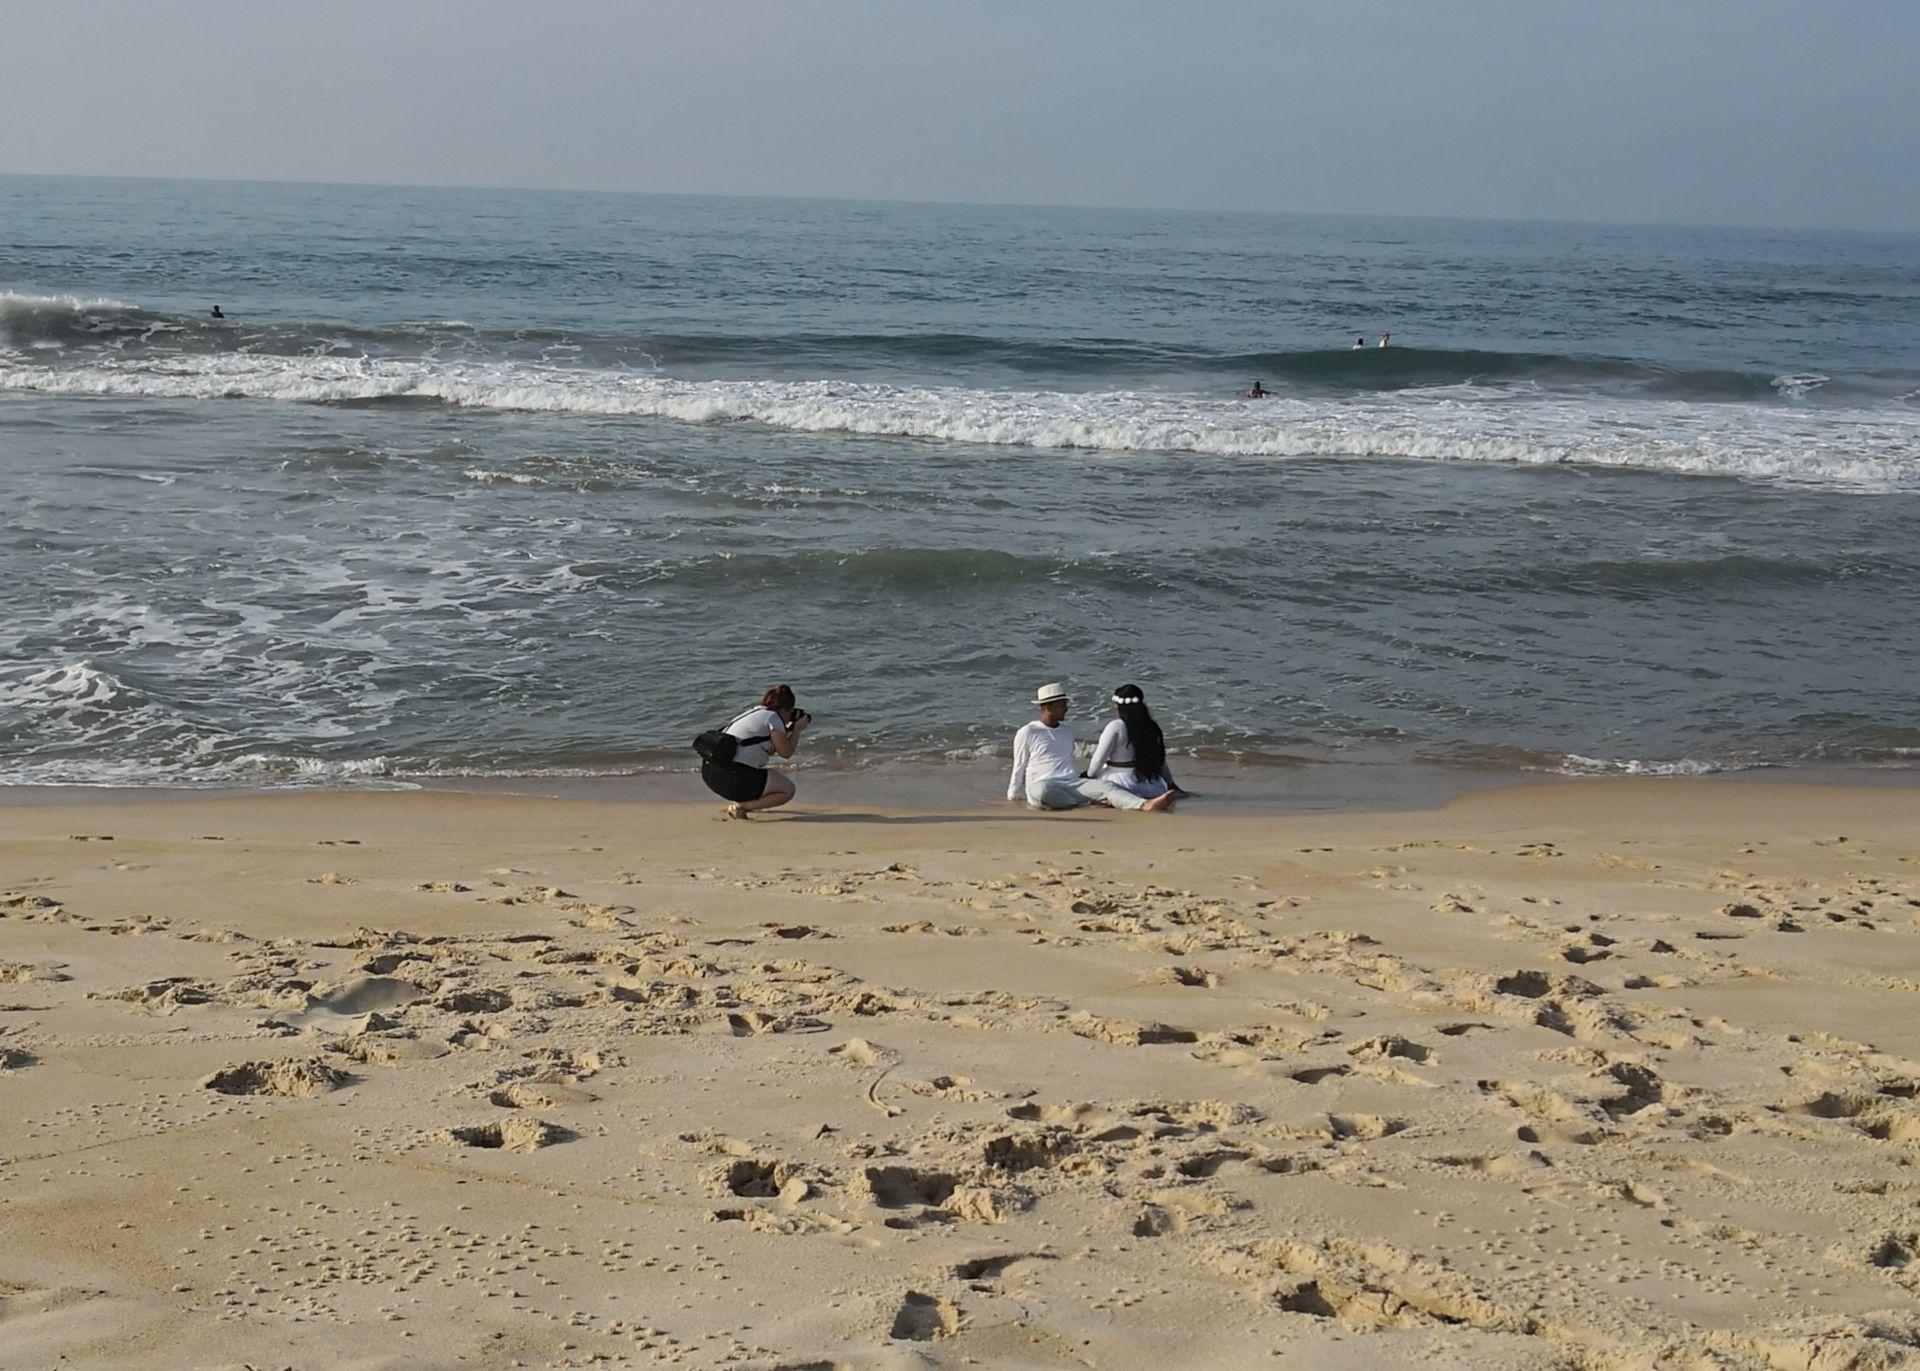 Una fotógrafa en medio de una sesión con una pareja que está a días de casarse. Gentileza Monserrat Toranzo